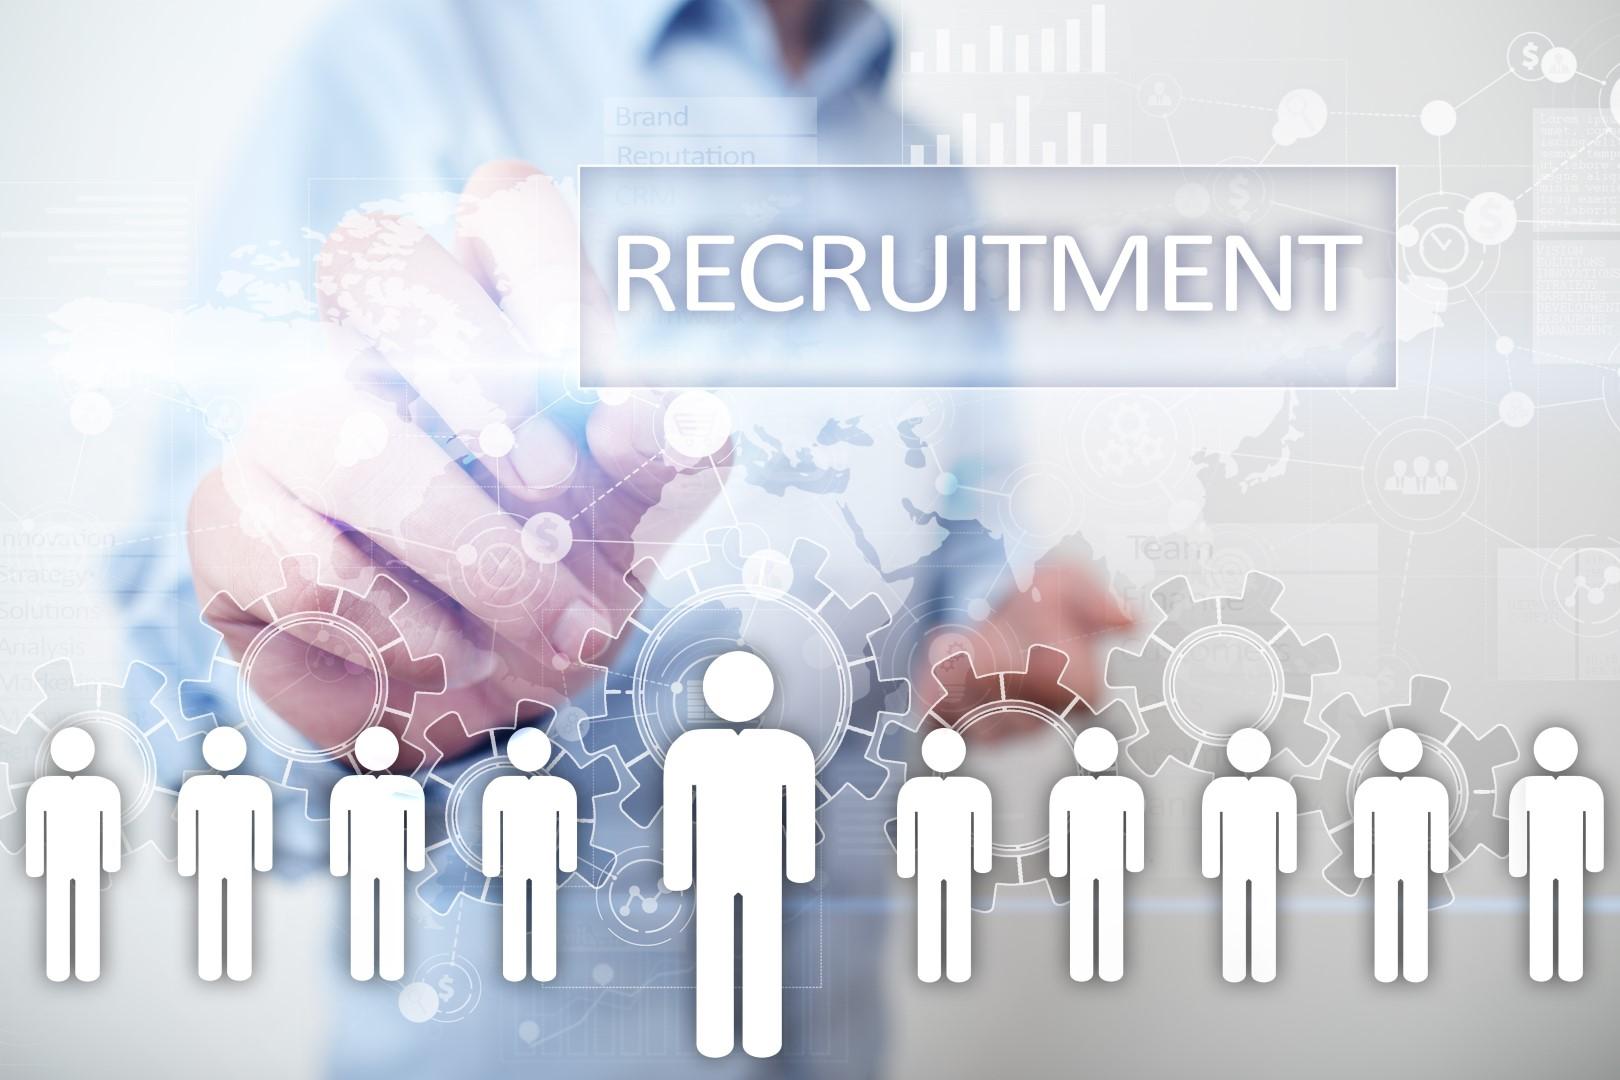 11 questions employers should never ask job applicants